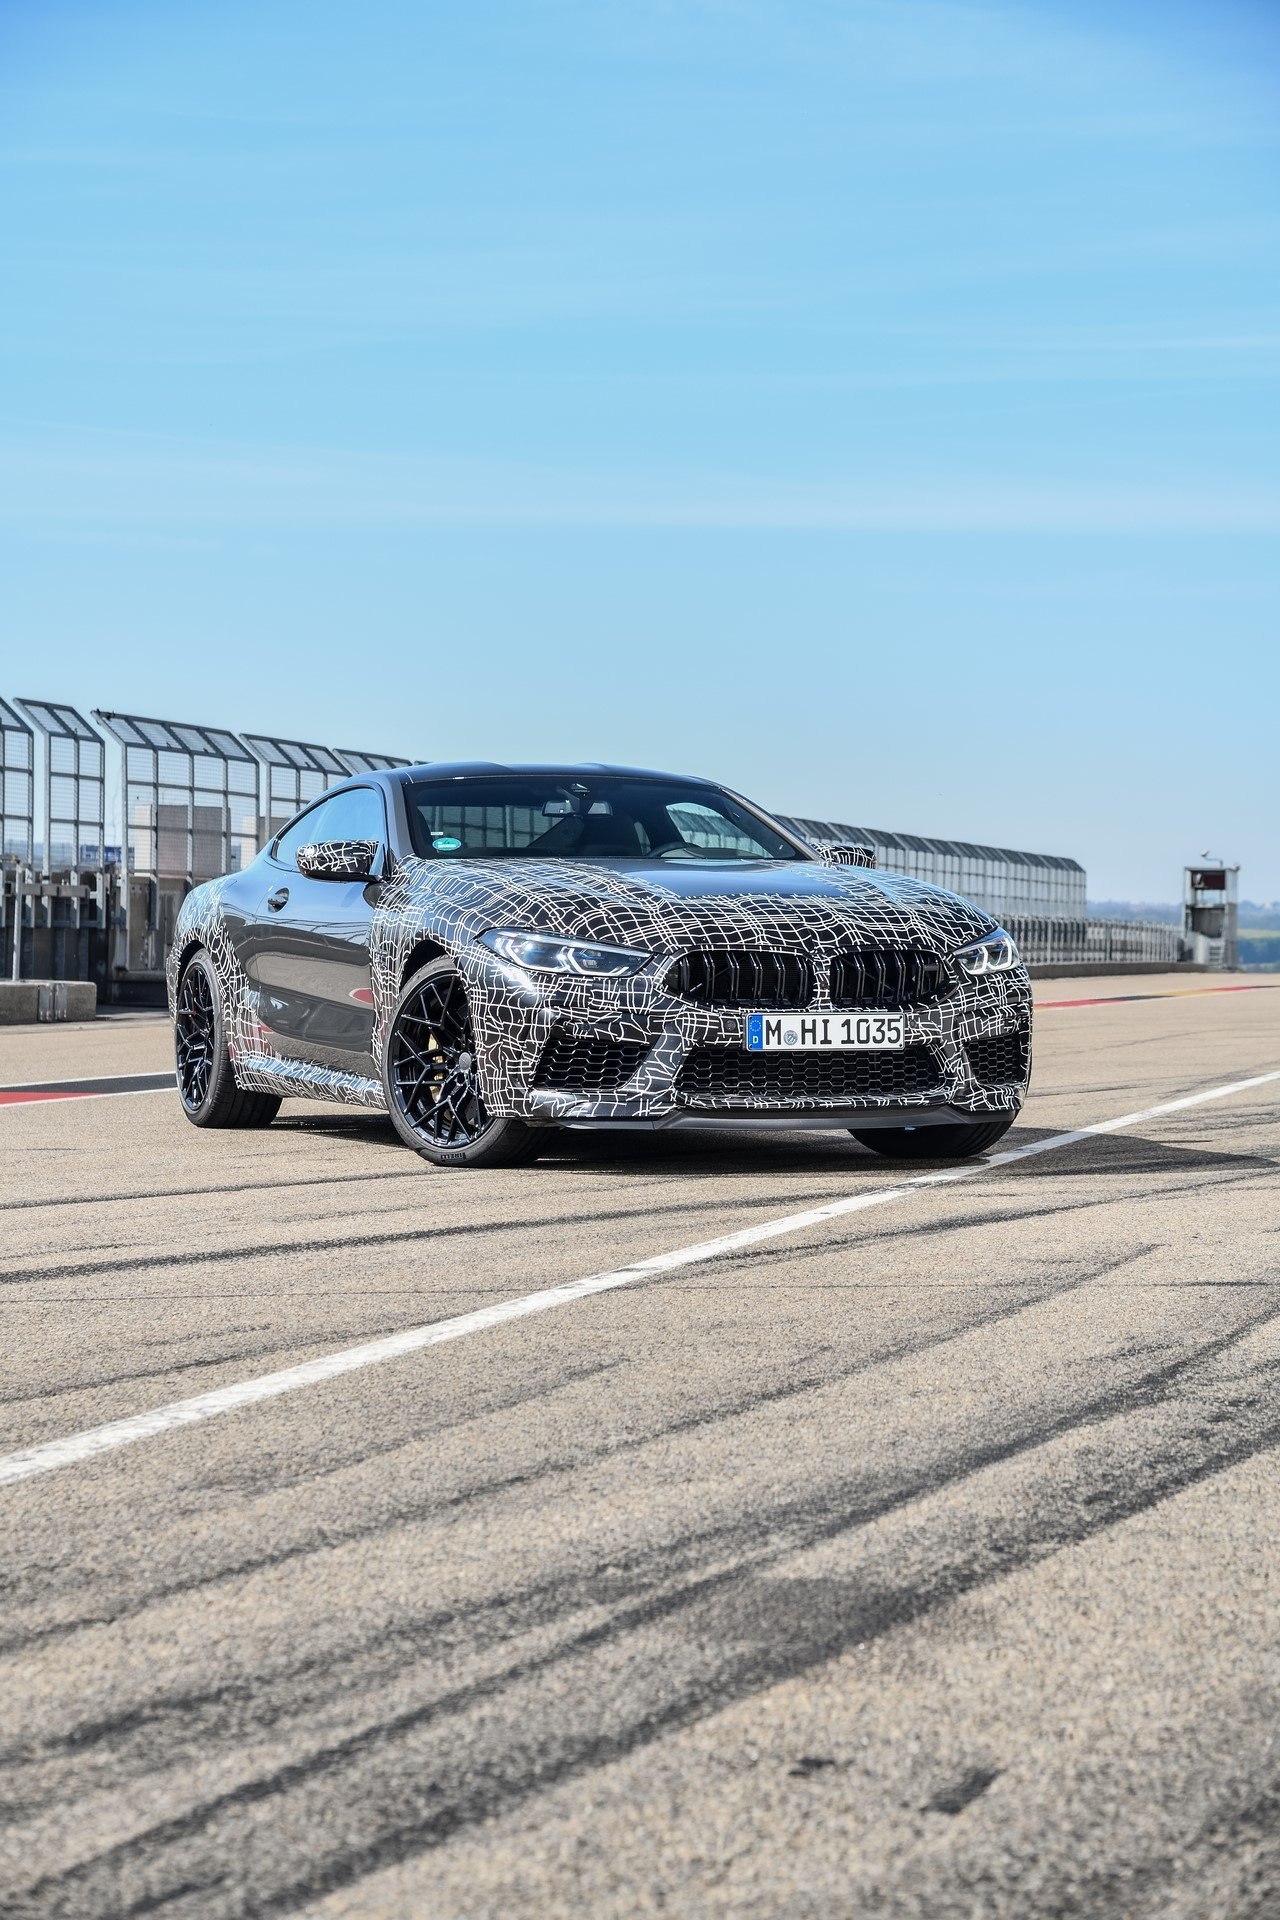 BMW-M8-spy-photos-4